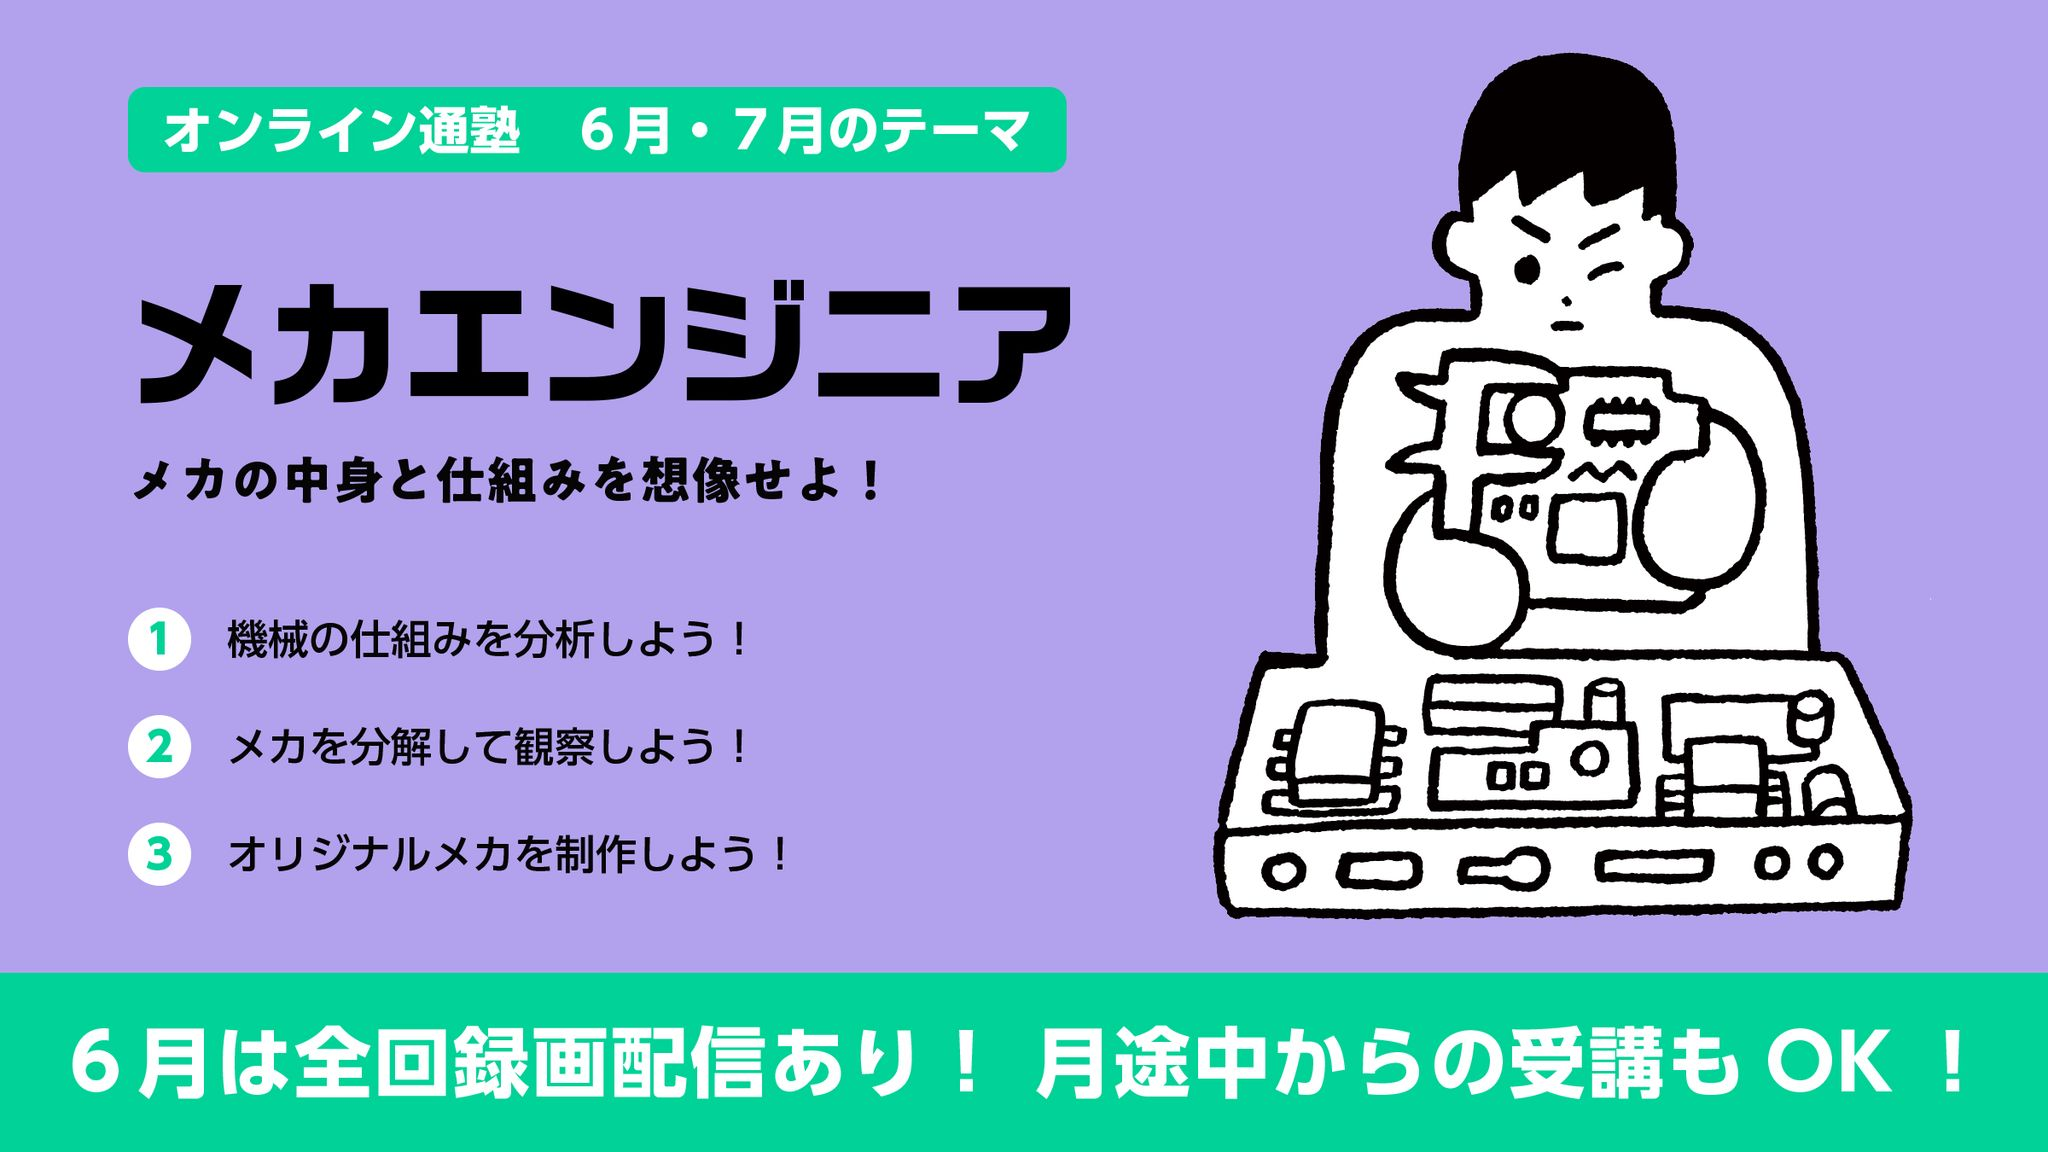 小学生コース オンライン通塾のイラストイメージ